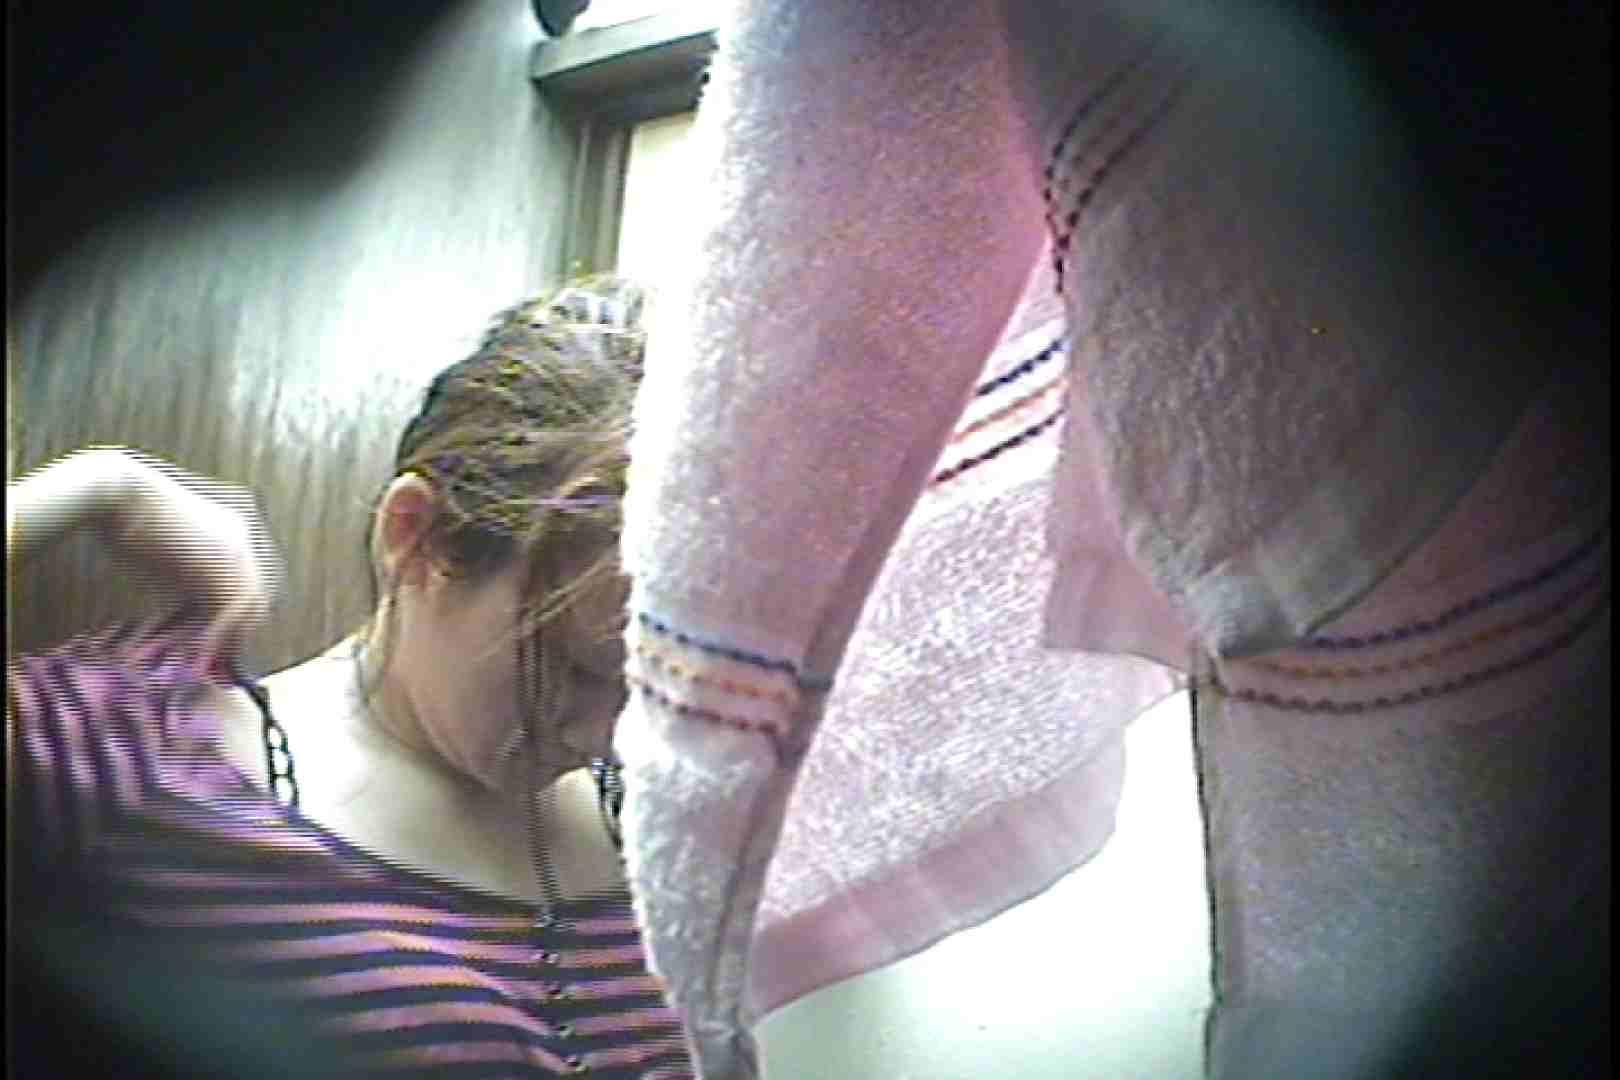 海の家の更衣室 Vol.42 美女   OLの実態  64pic 19